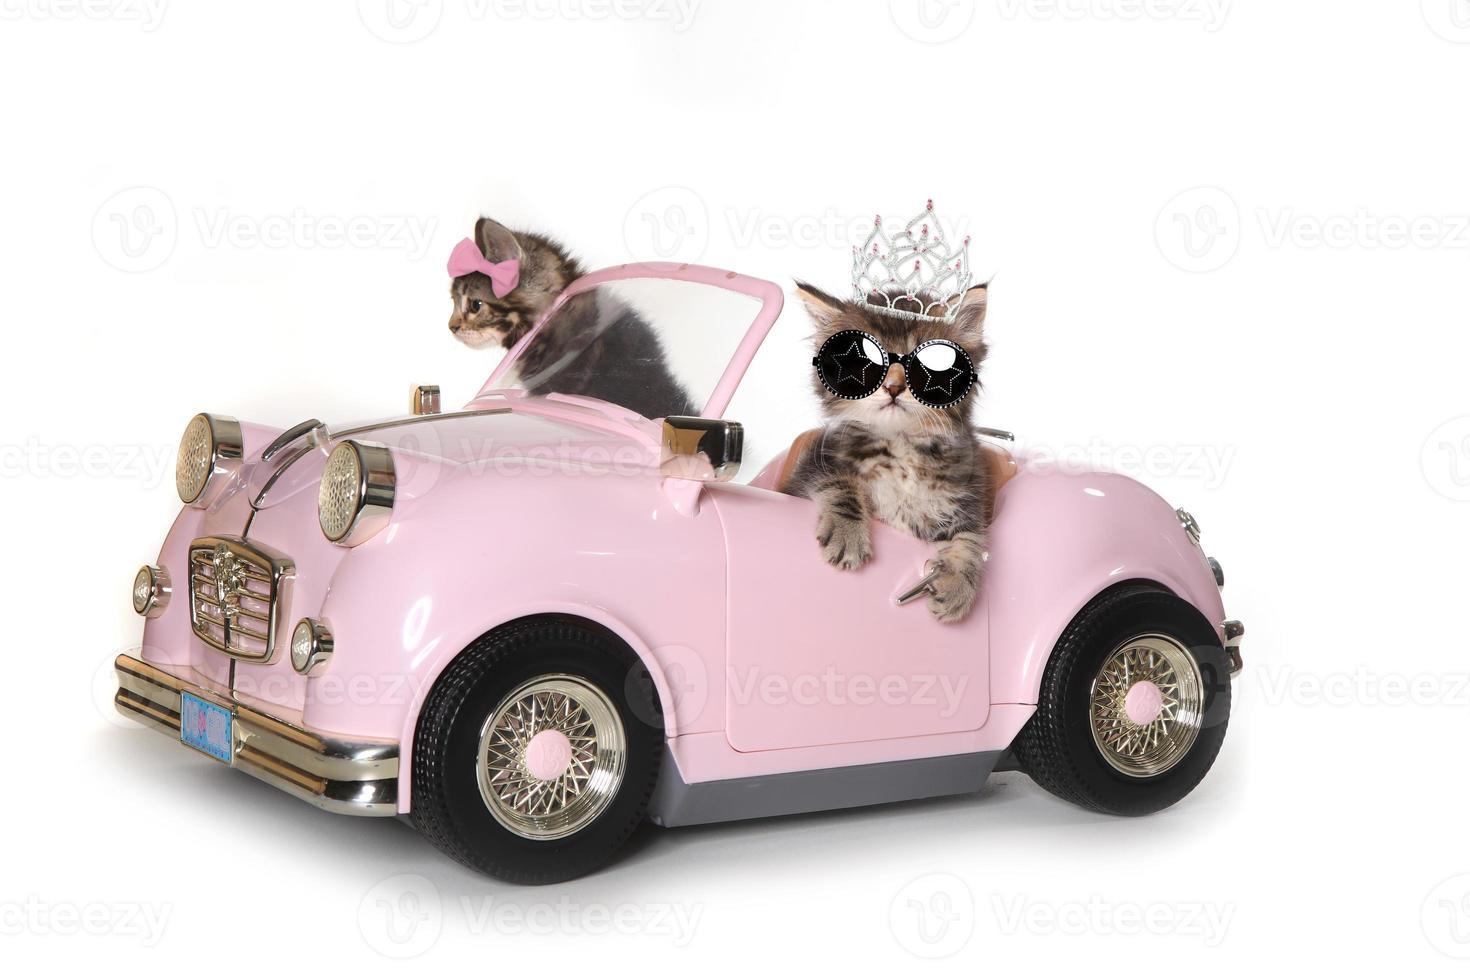 schattige maincoon kittens met cabrio rijden foto